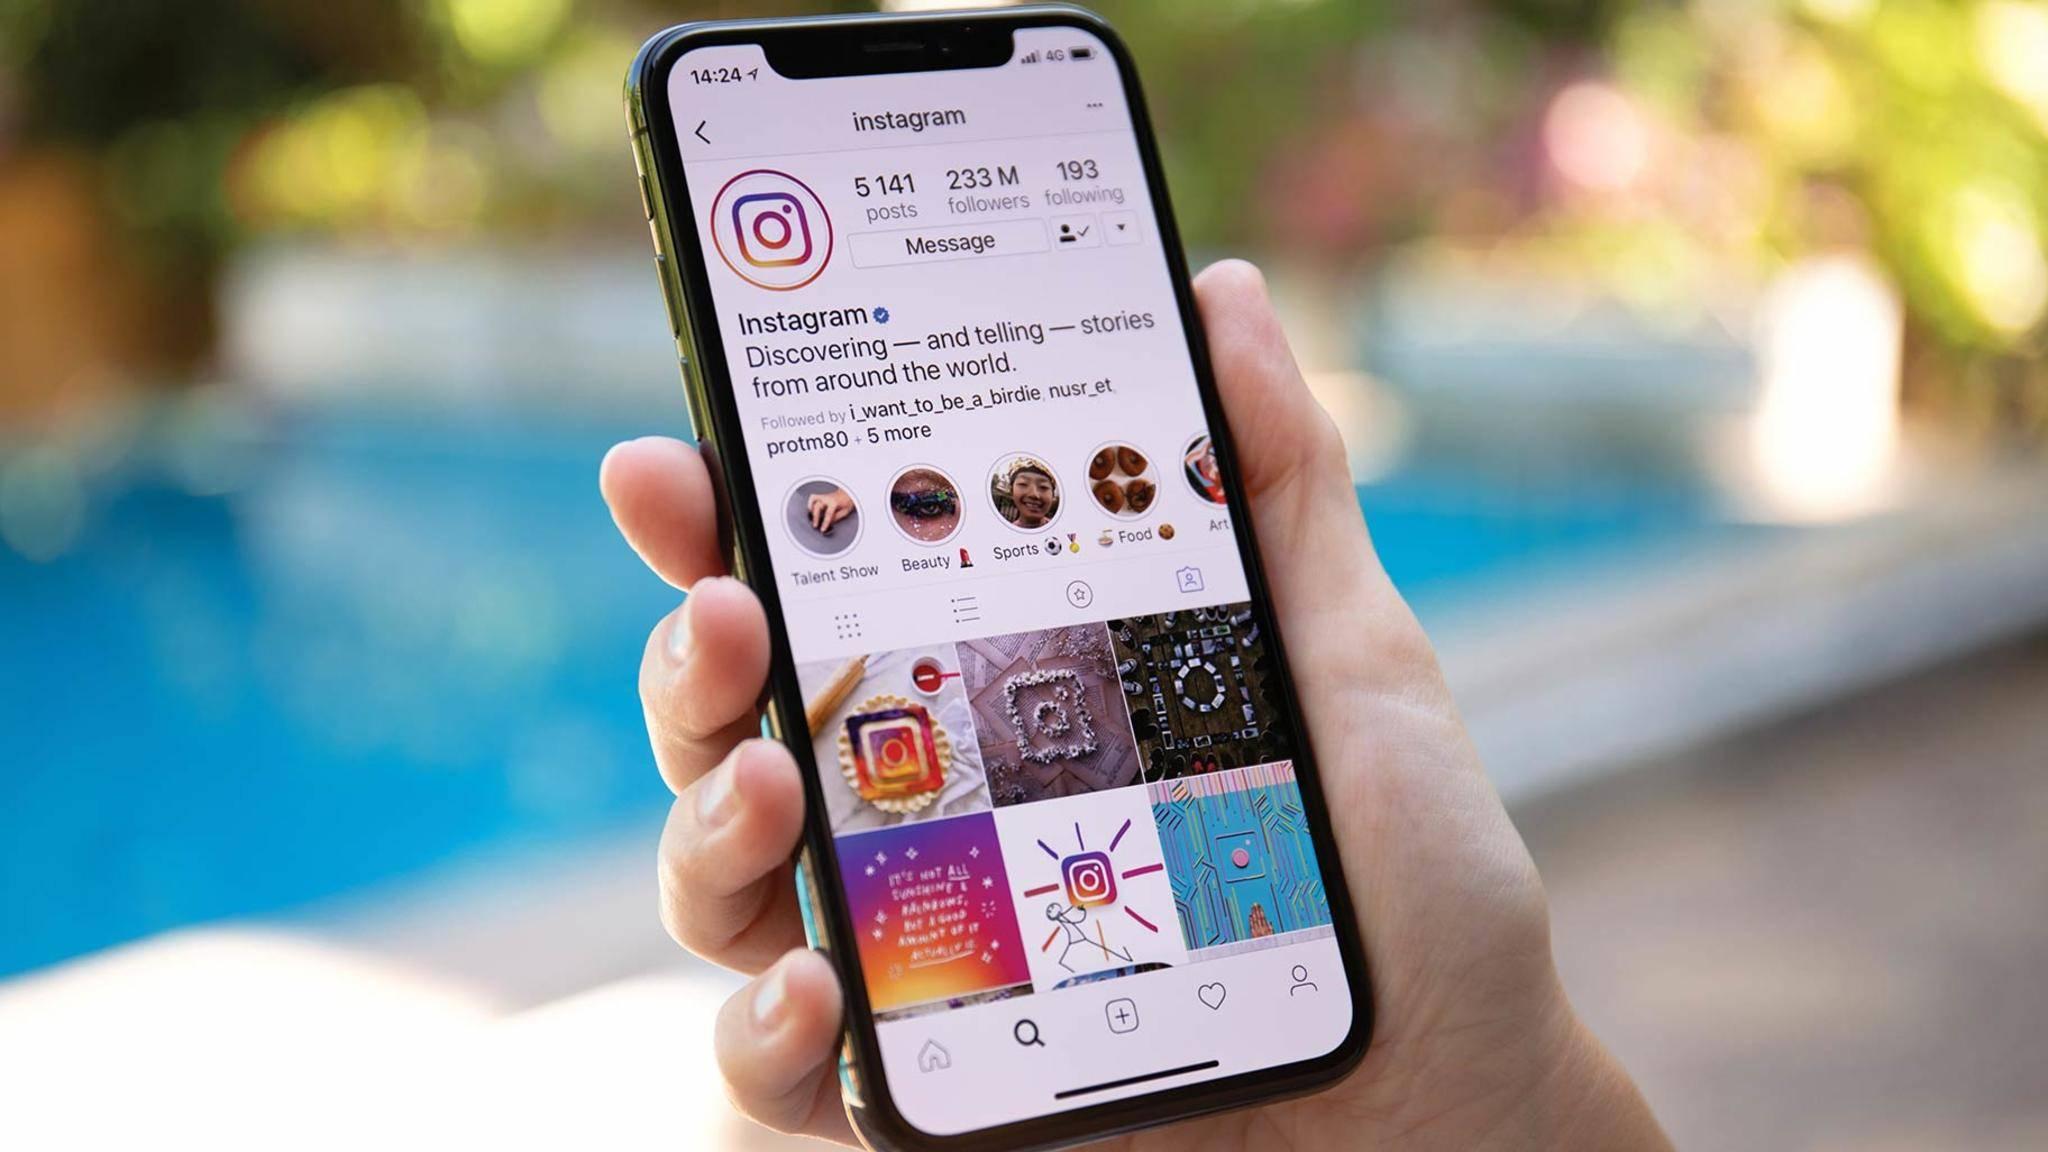 Hier erfährst Du, wie der Verifizierungsprozess bei Instagram funktioniert.